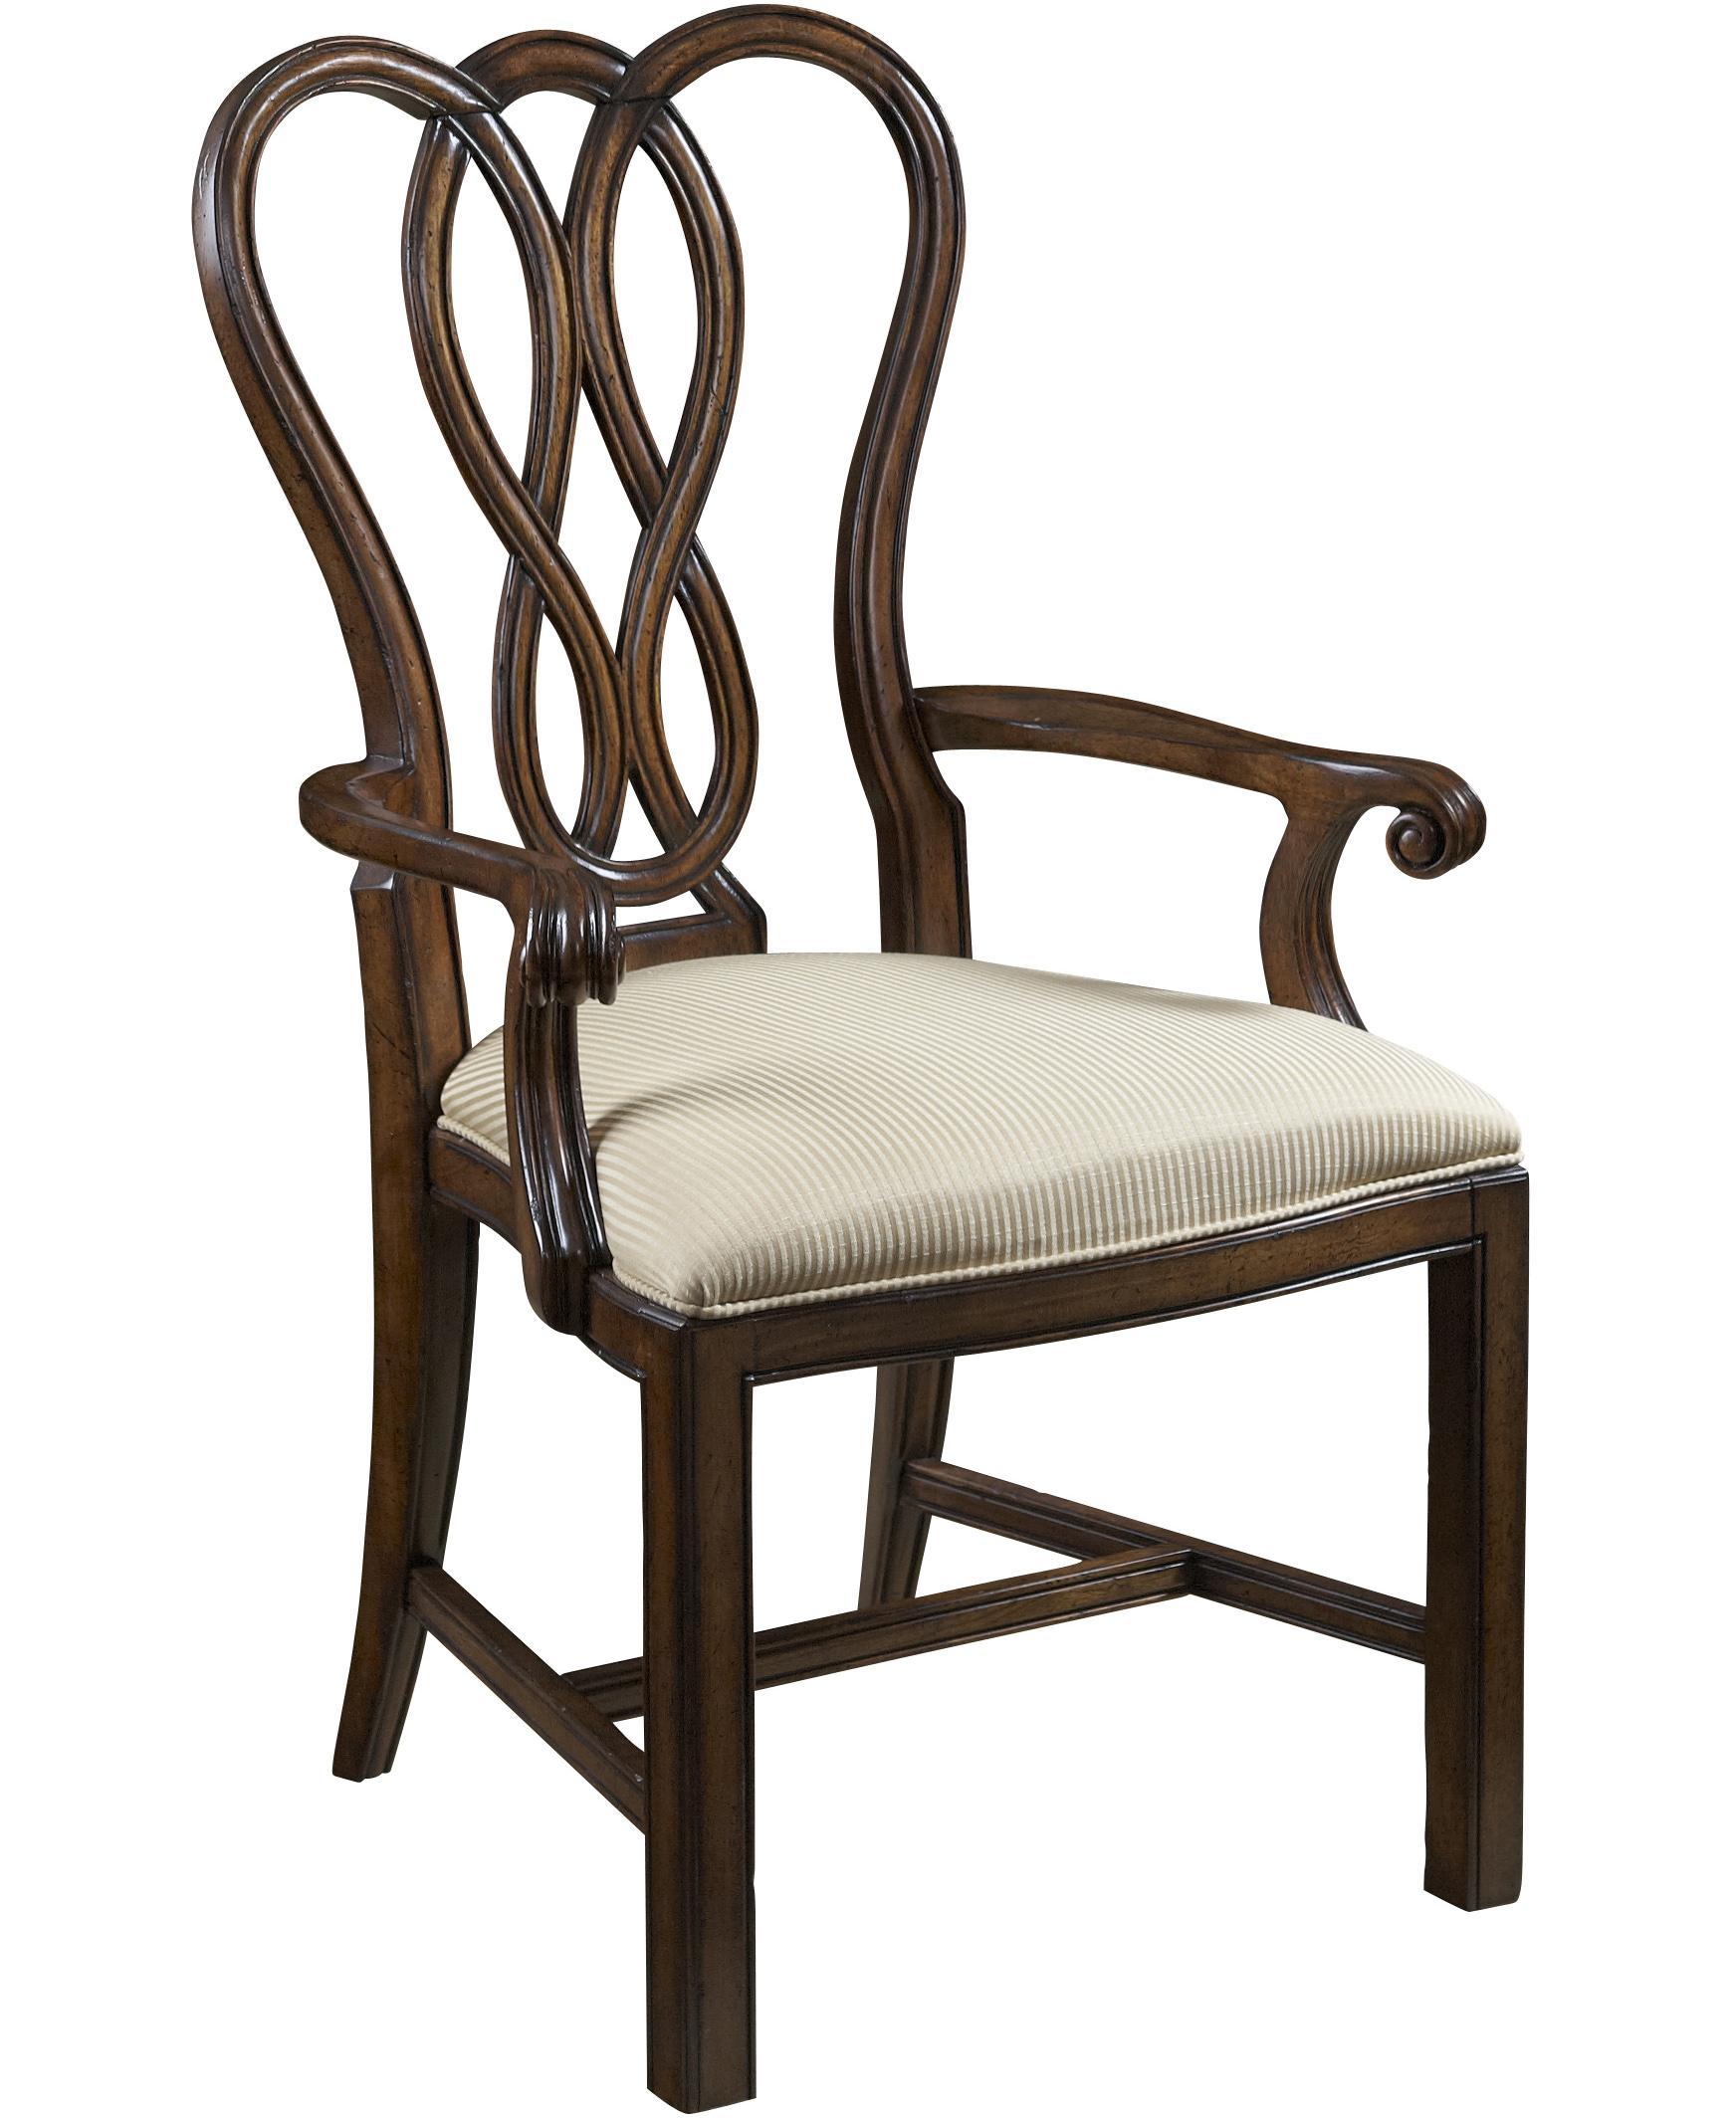 Fine furniture design hyde park 9 piece double pedestal for Park chair design